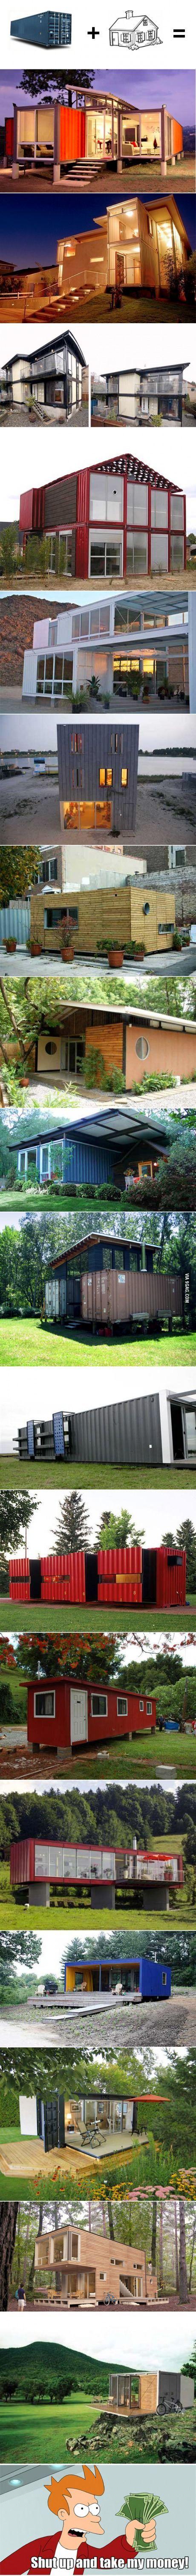 die besten 25+ container homes nz ideen auf pinterest